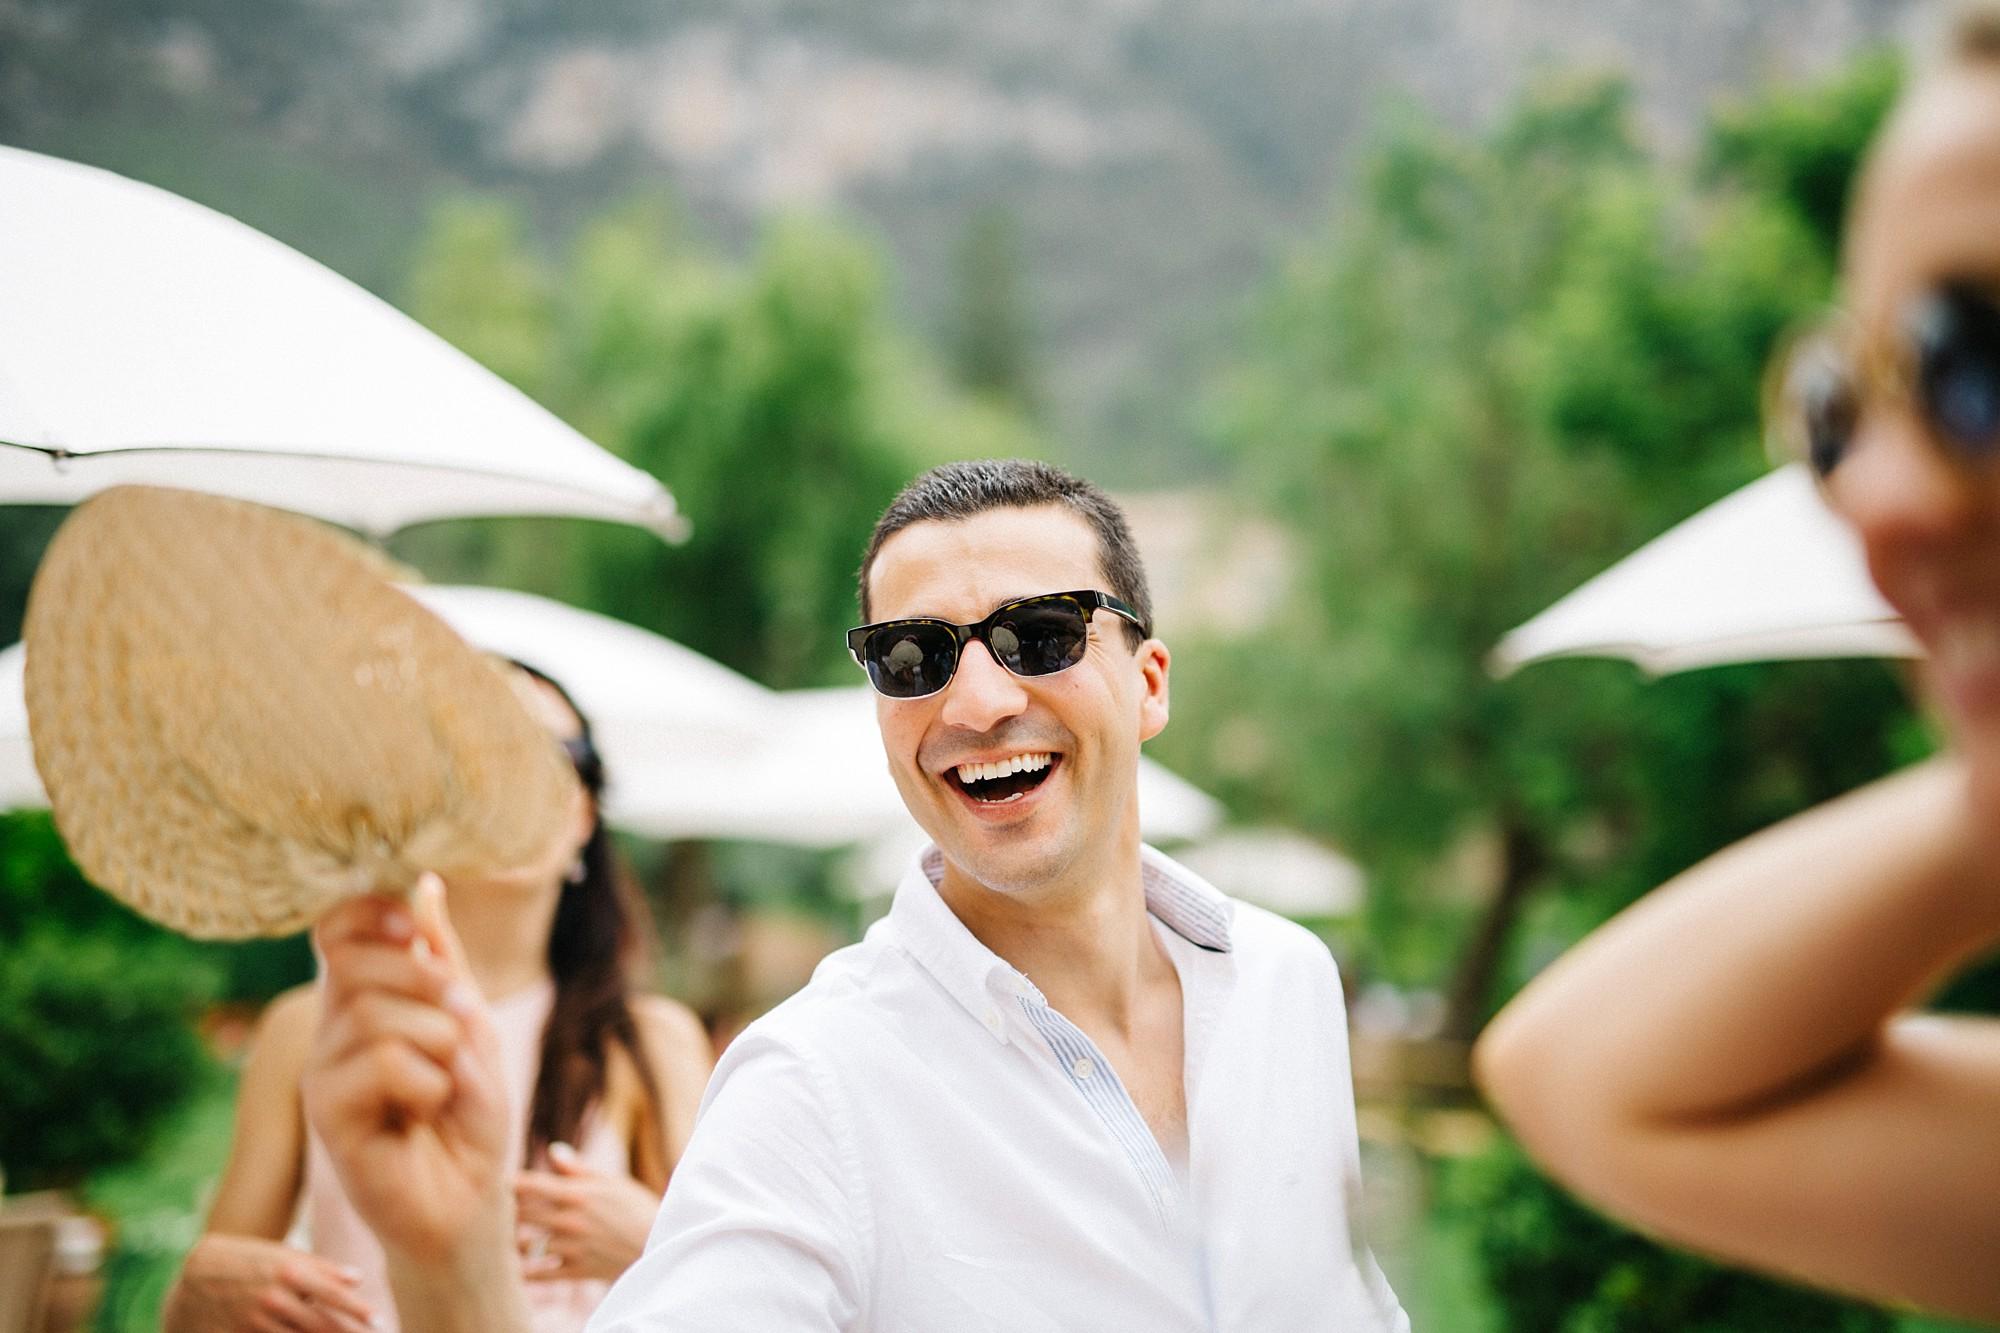 fotografos de boda en valencia barcelona mallorca wedding photographer143.jpg